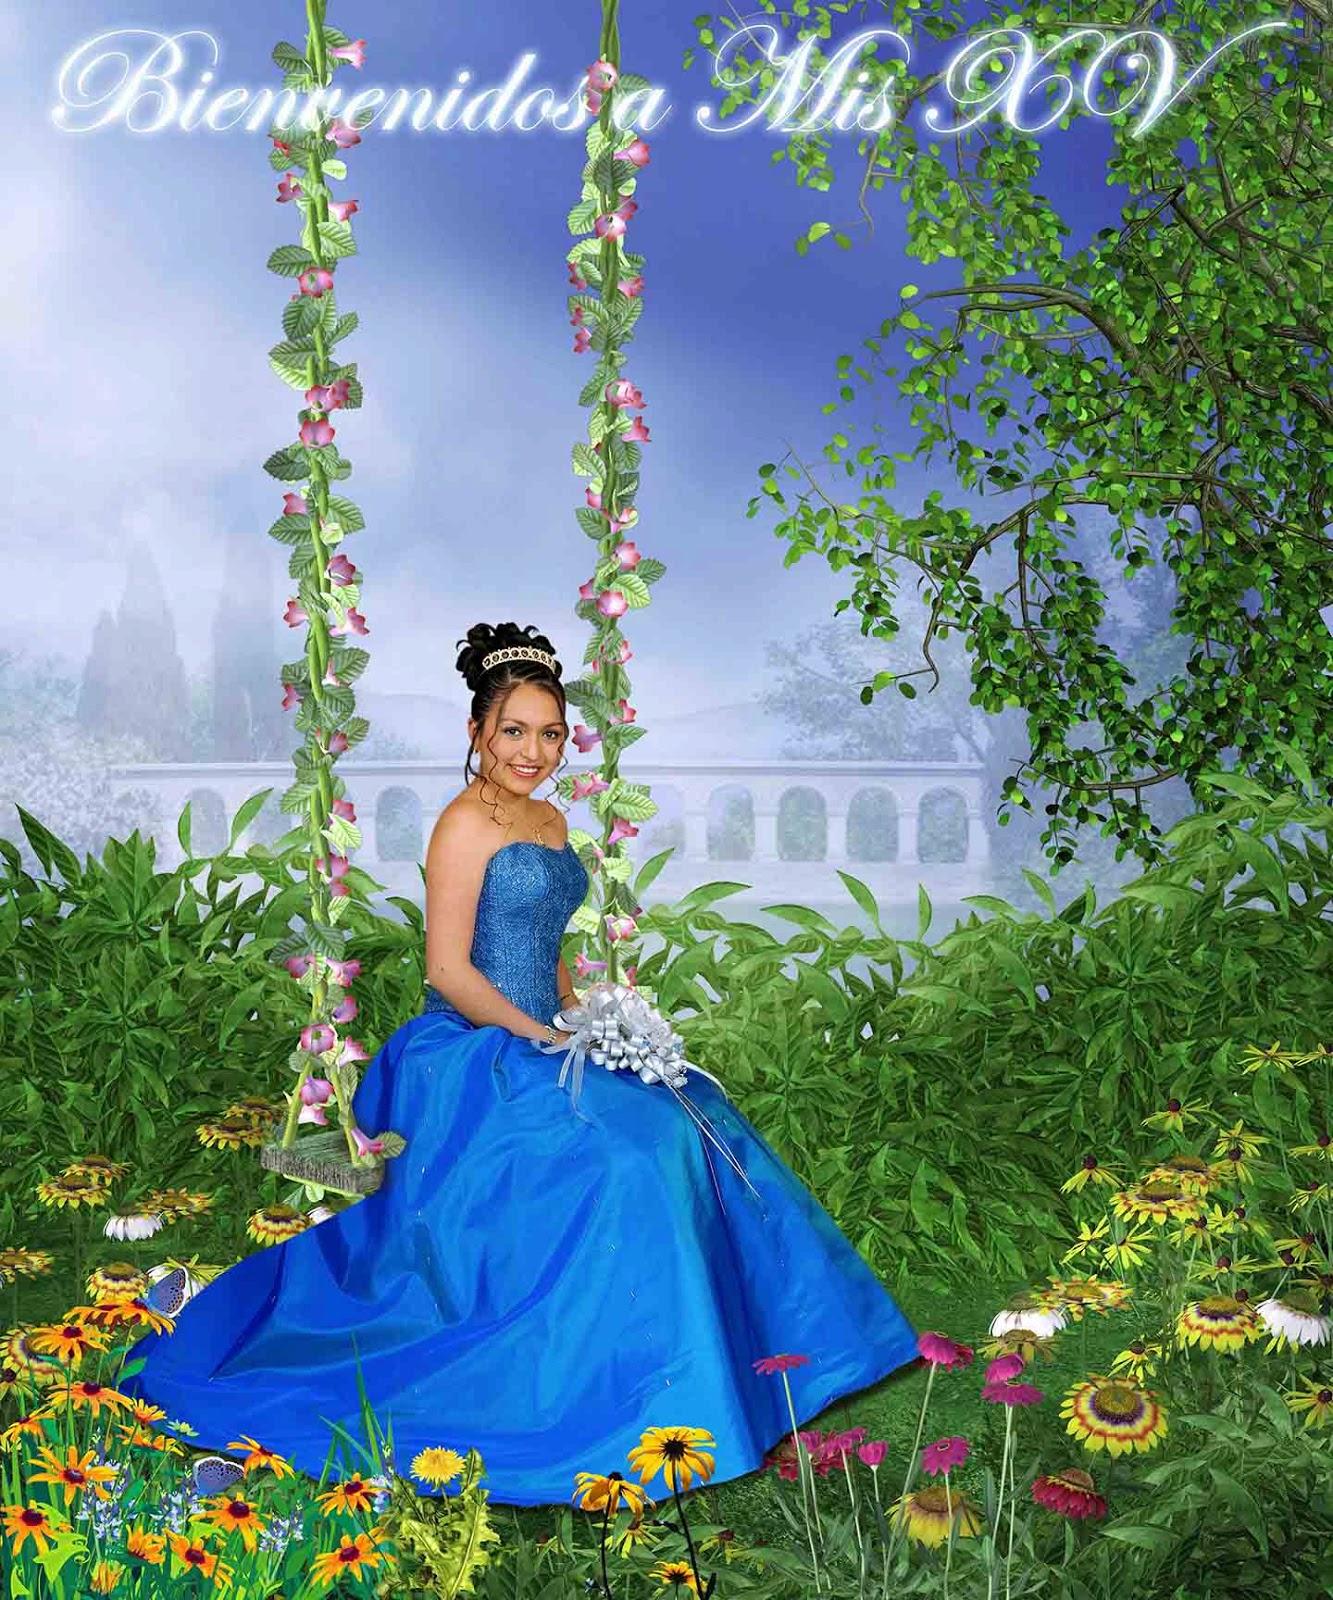 Foto de firmas para 15 años - Plantillas para Photoshop 2014